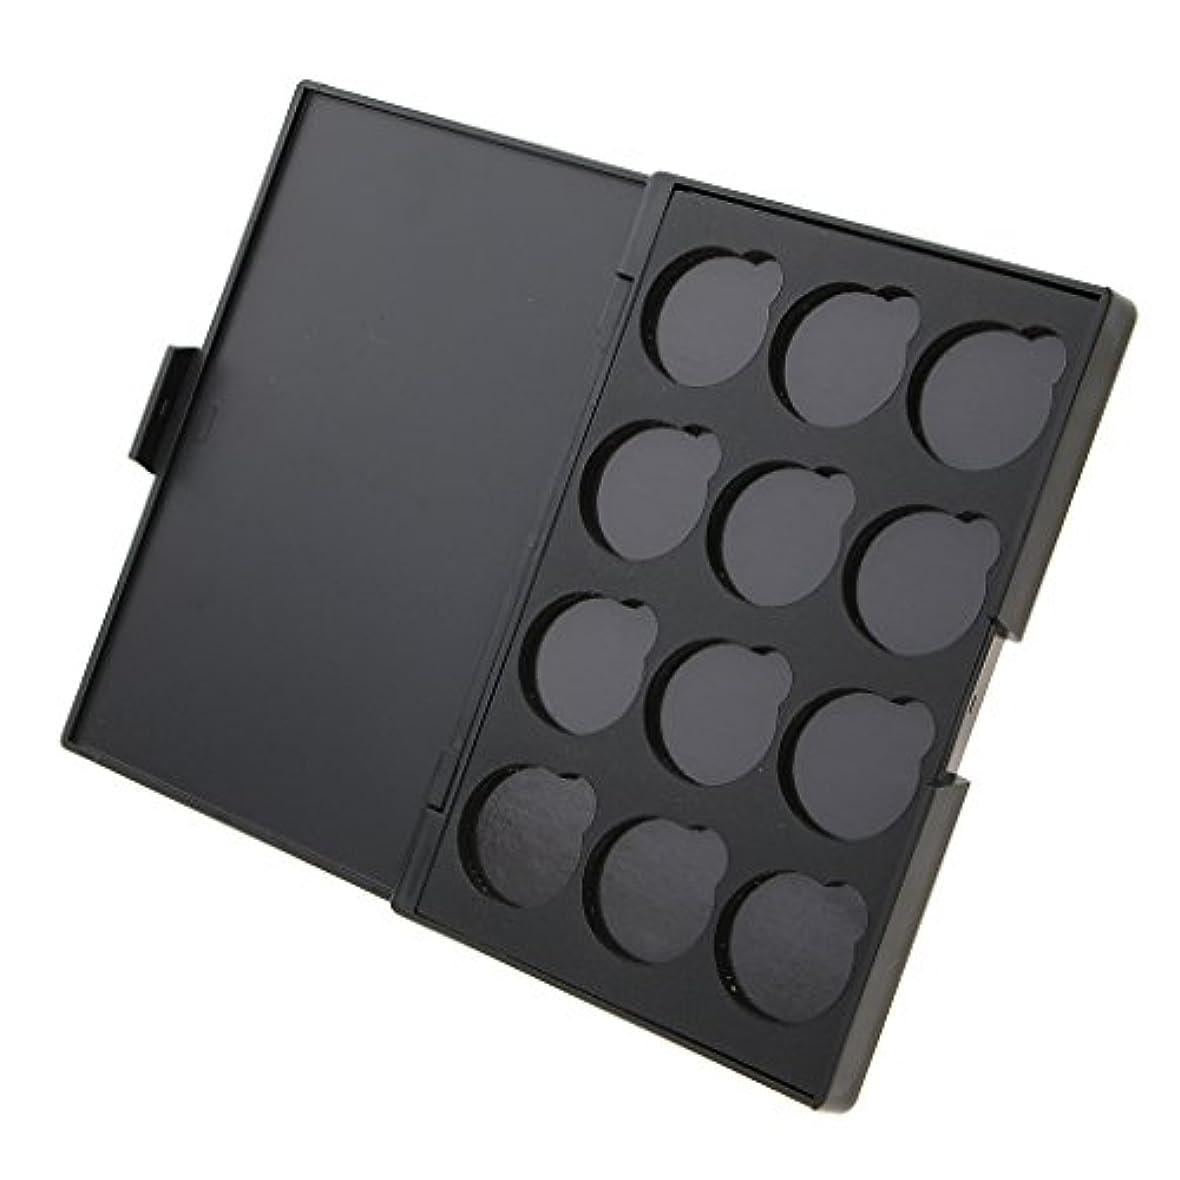 シソーラスカスタム命令的全3種類 組み合わせ DIY ボックス 磁気 アイシャドー パレット 旅行用 メイクアップ 便携 収納 - ケース+プレート